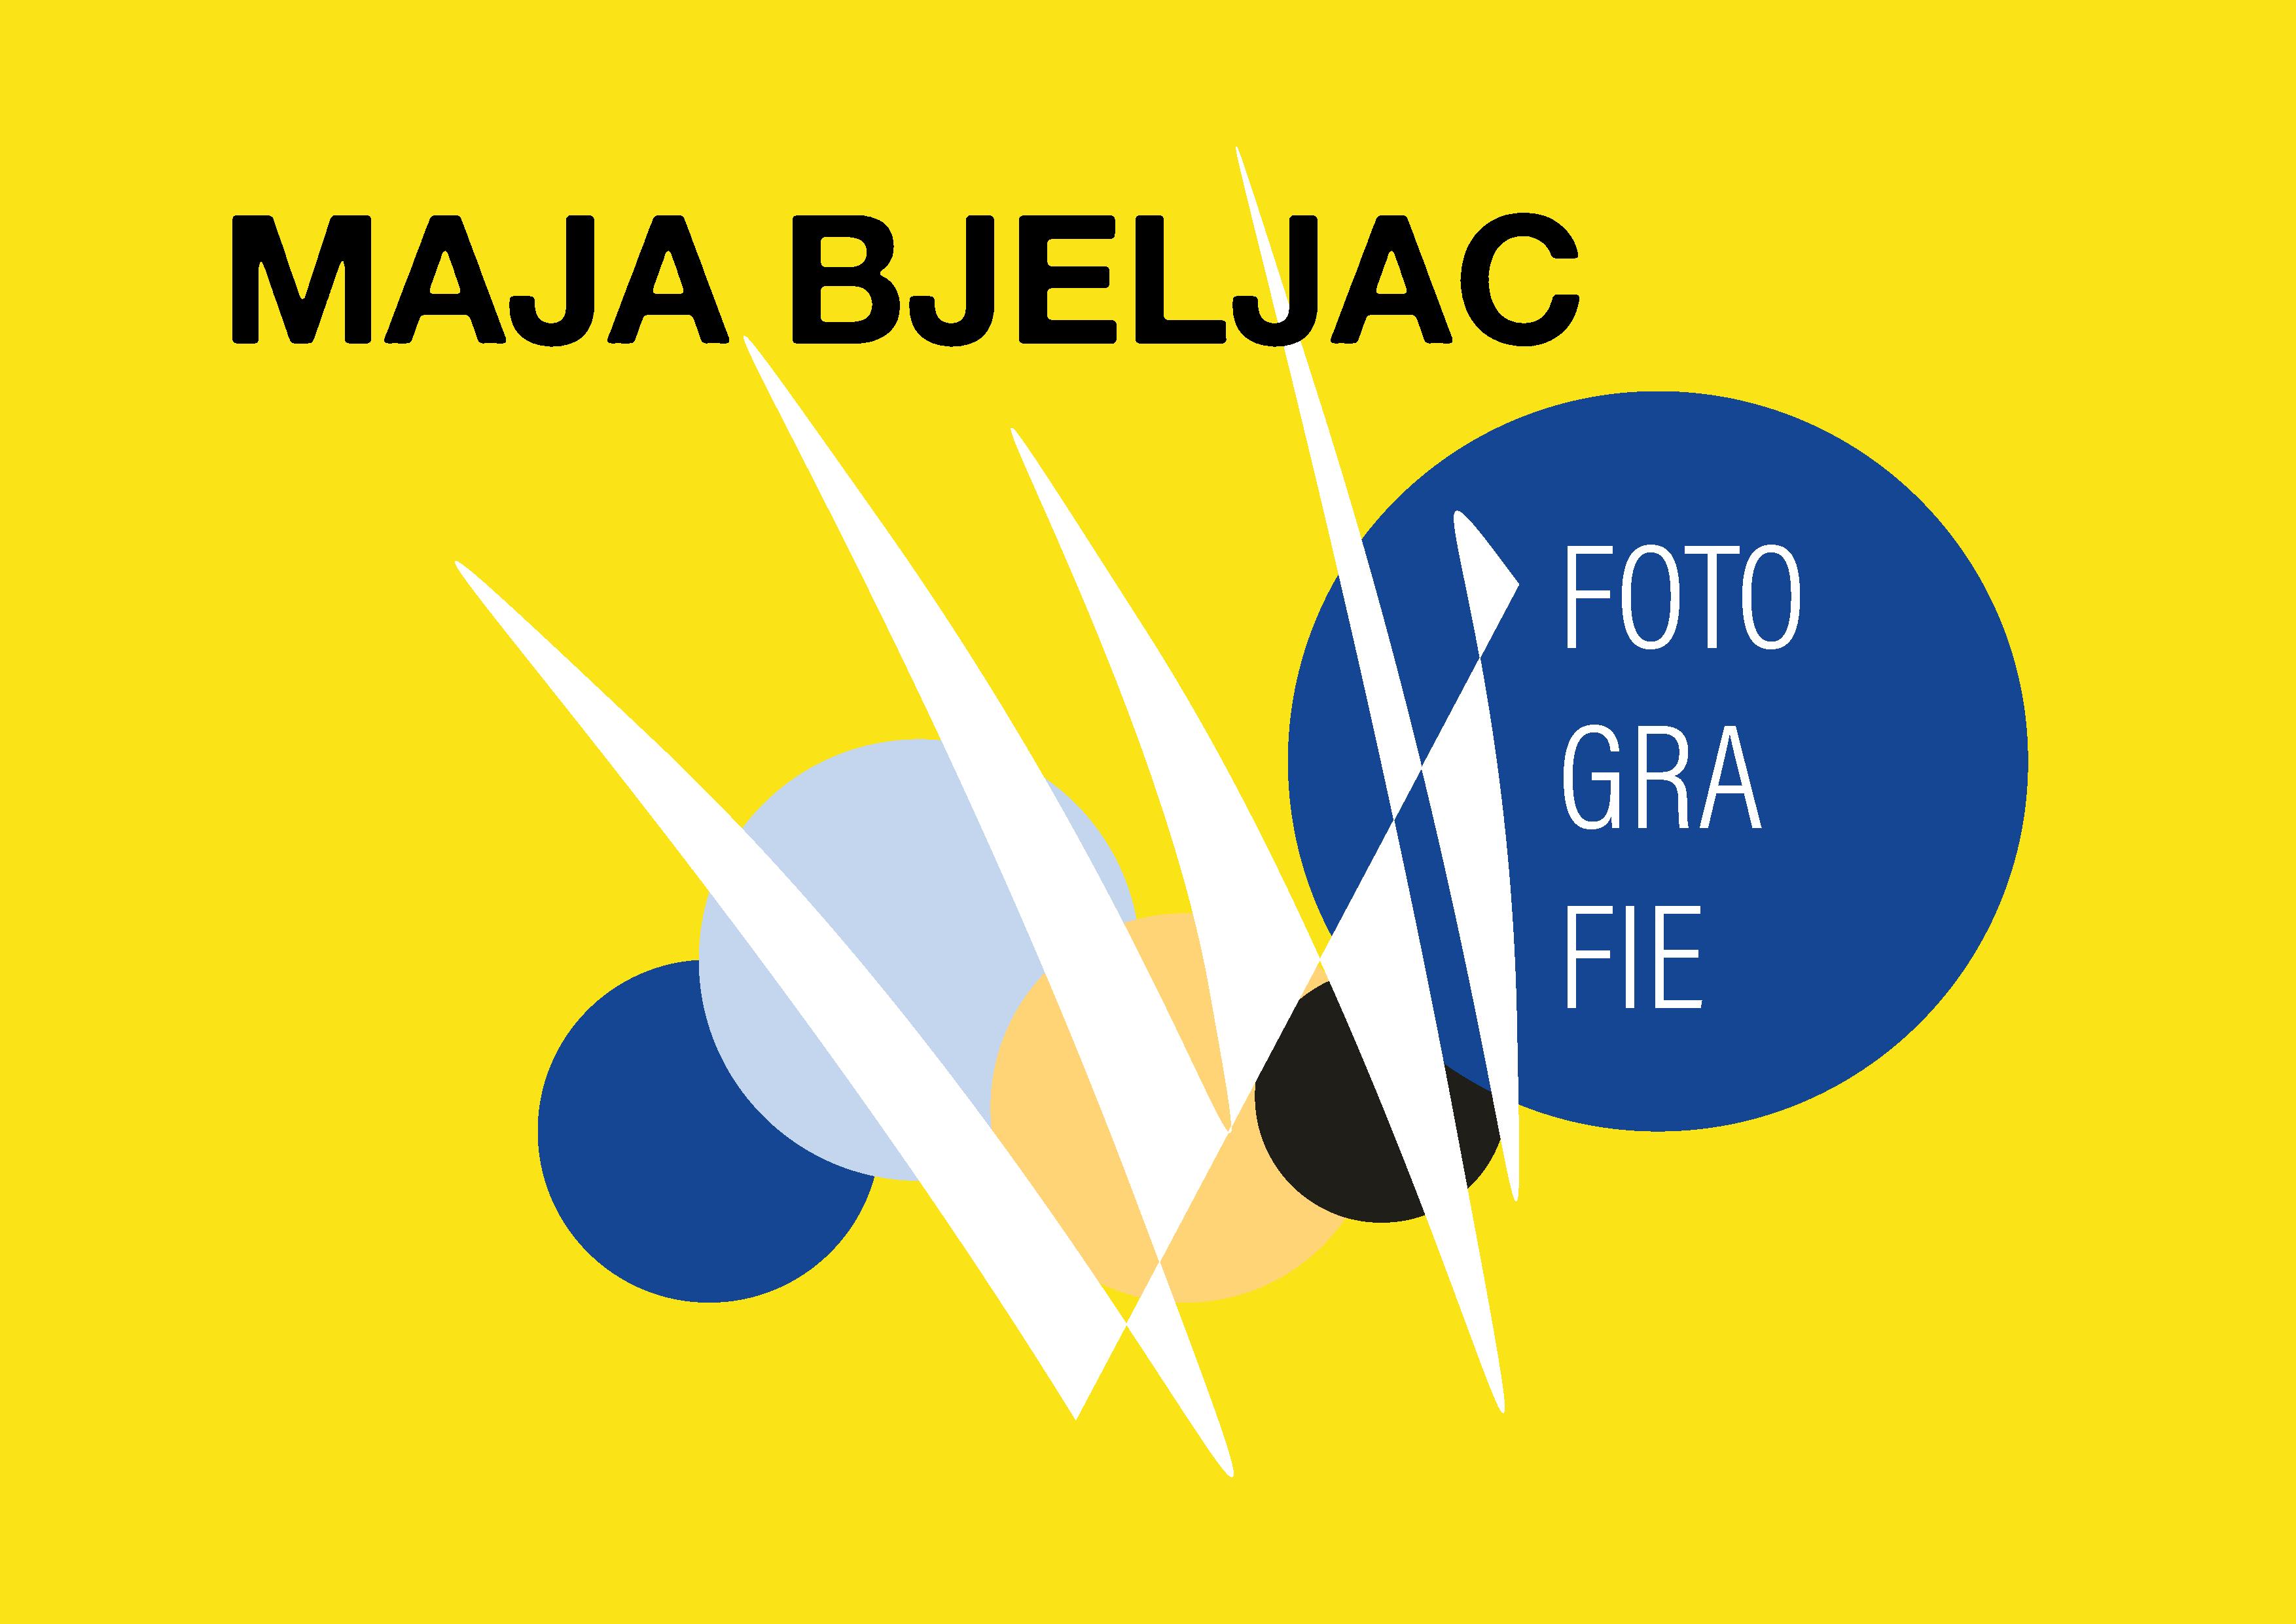 Maja Bjeljac